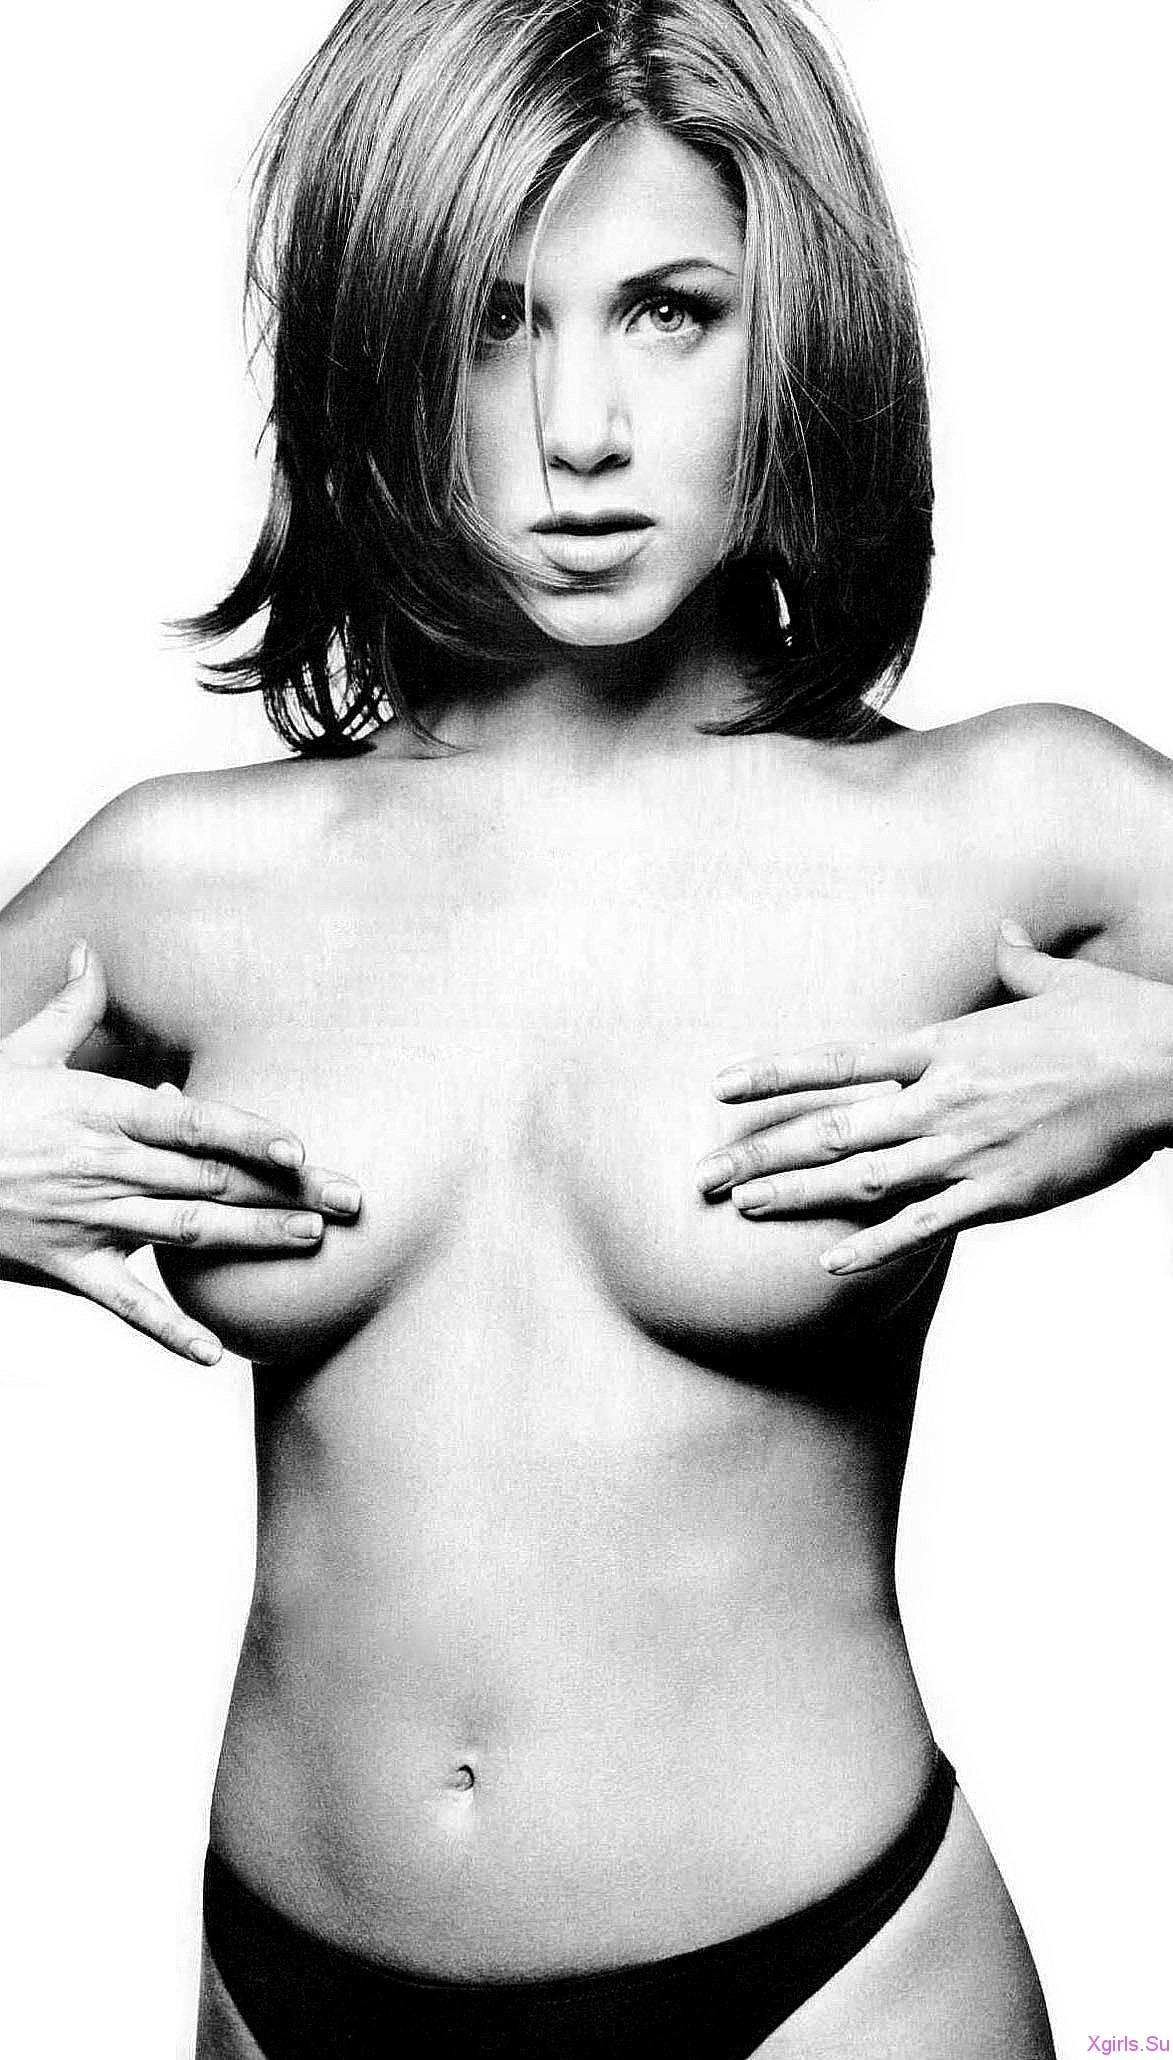 Секси фото знаменитостей